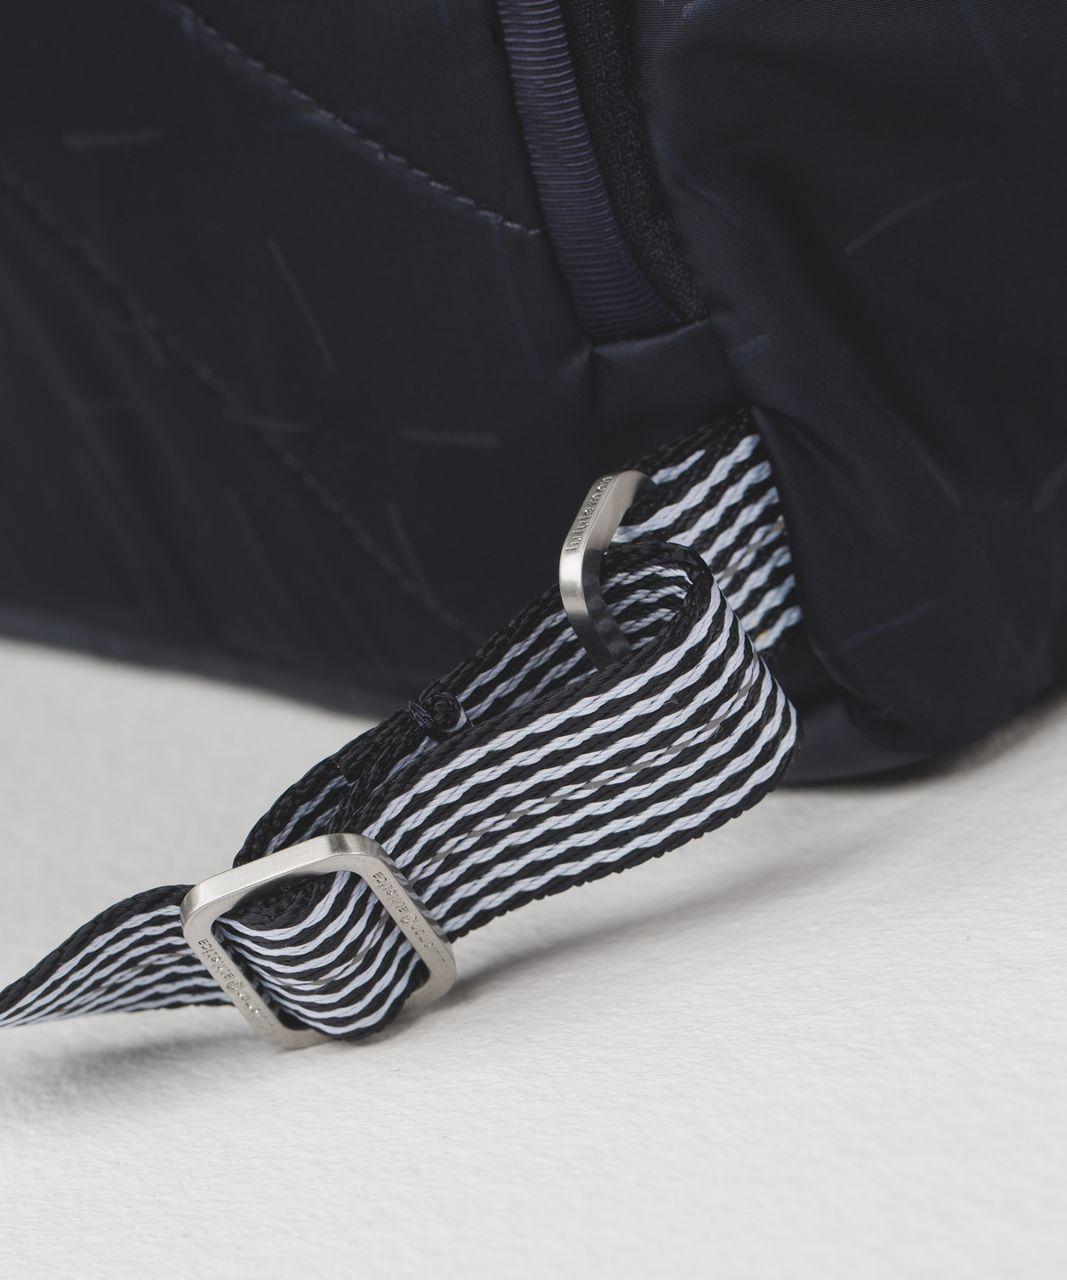 Lululemon Pack It Up Backpack - Tikki Tac Embossed Naval Blue